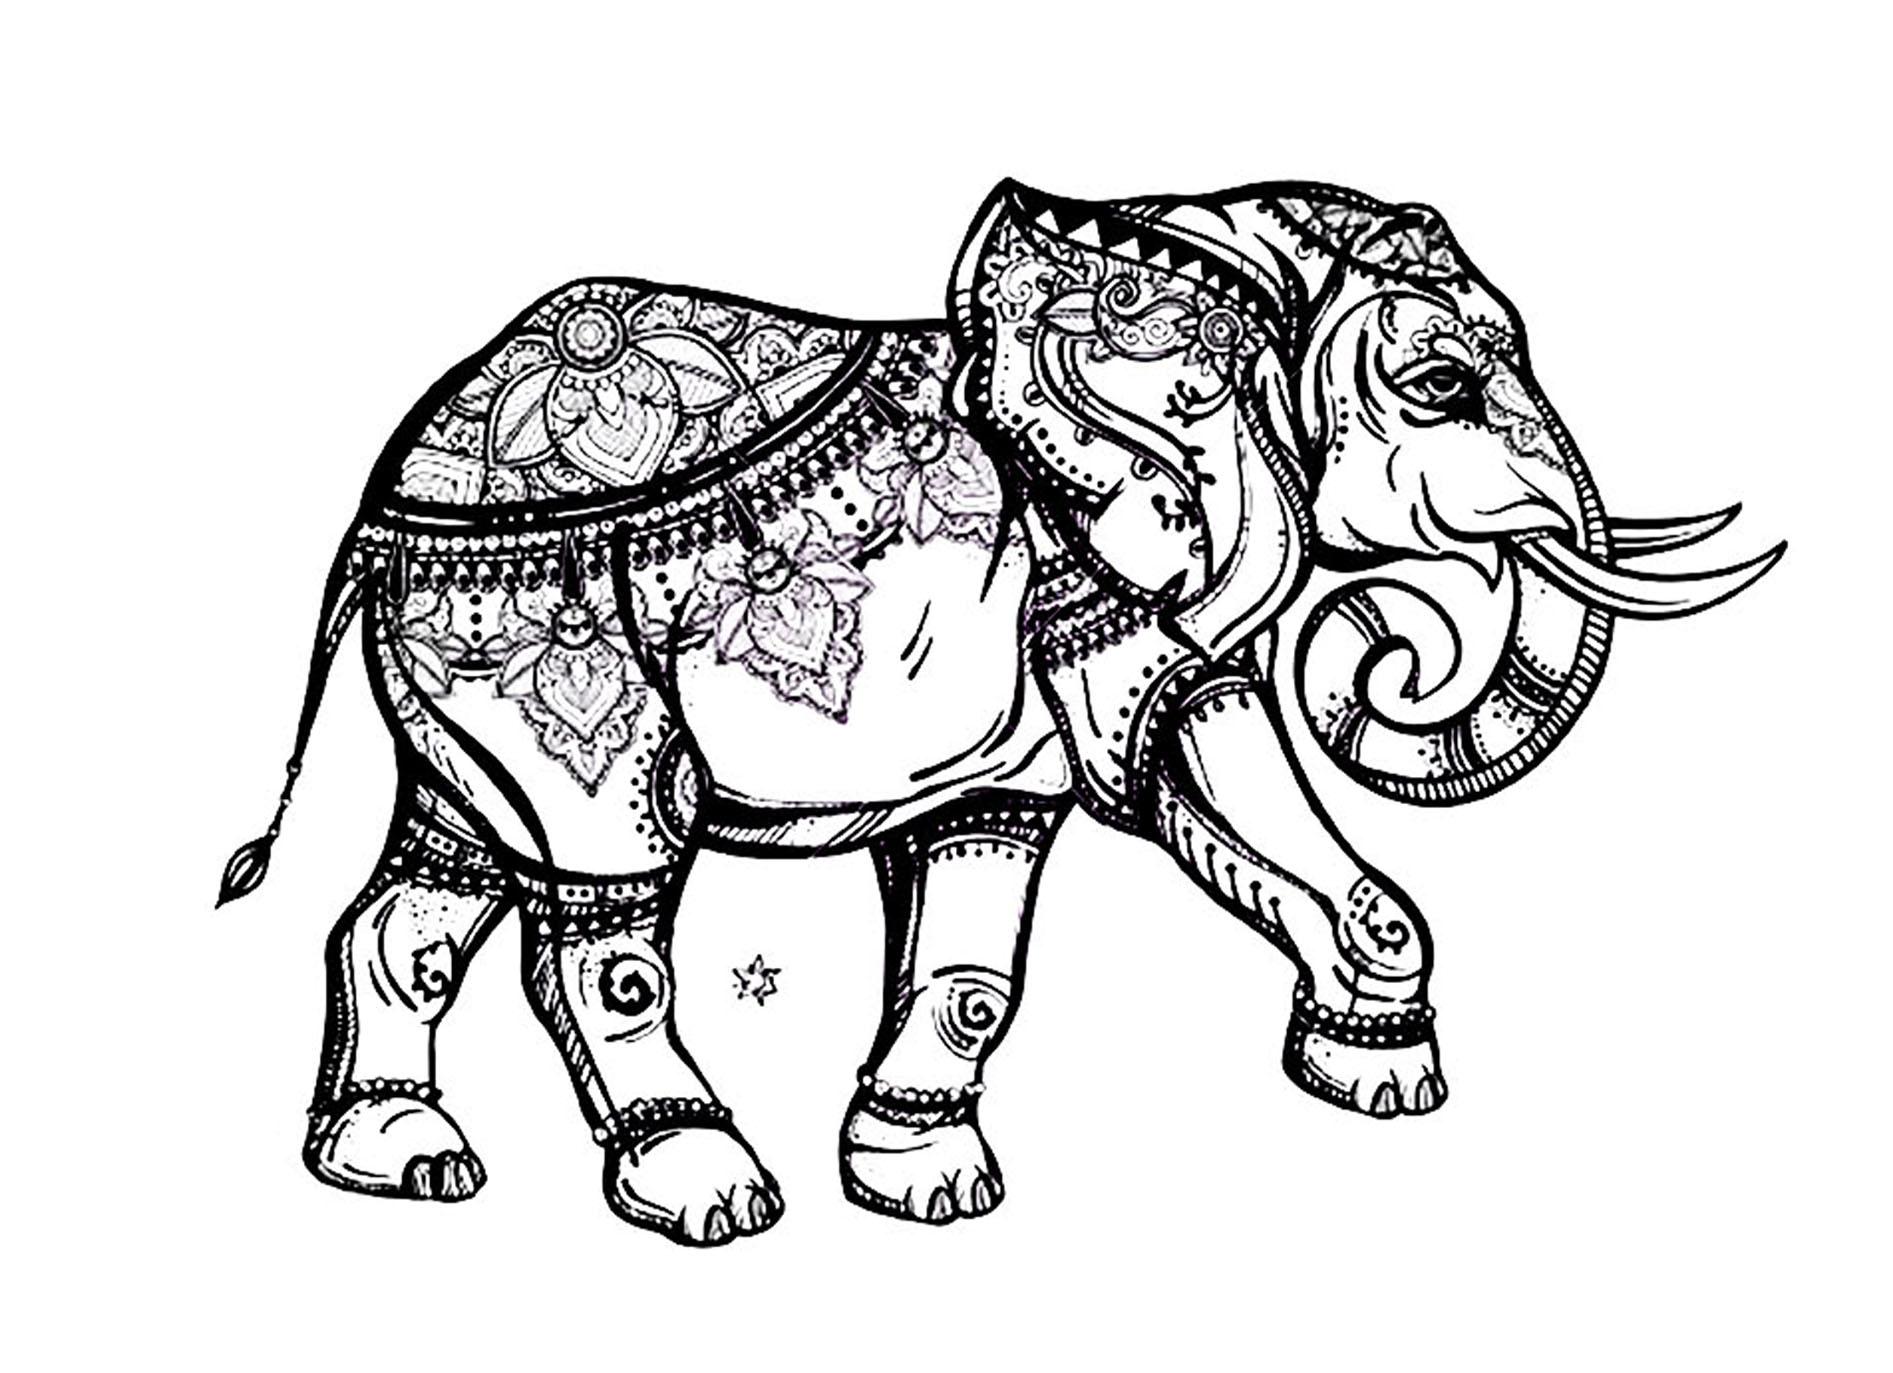 Elefantes 13128 | Elefantes - Colorear para adultos | JustColor